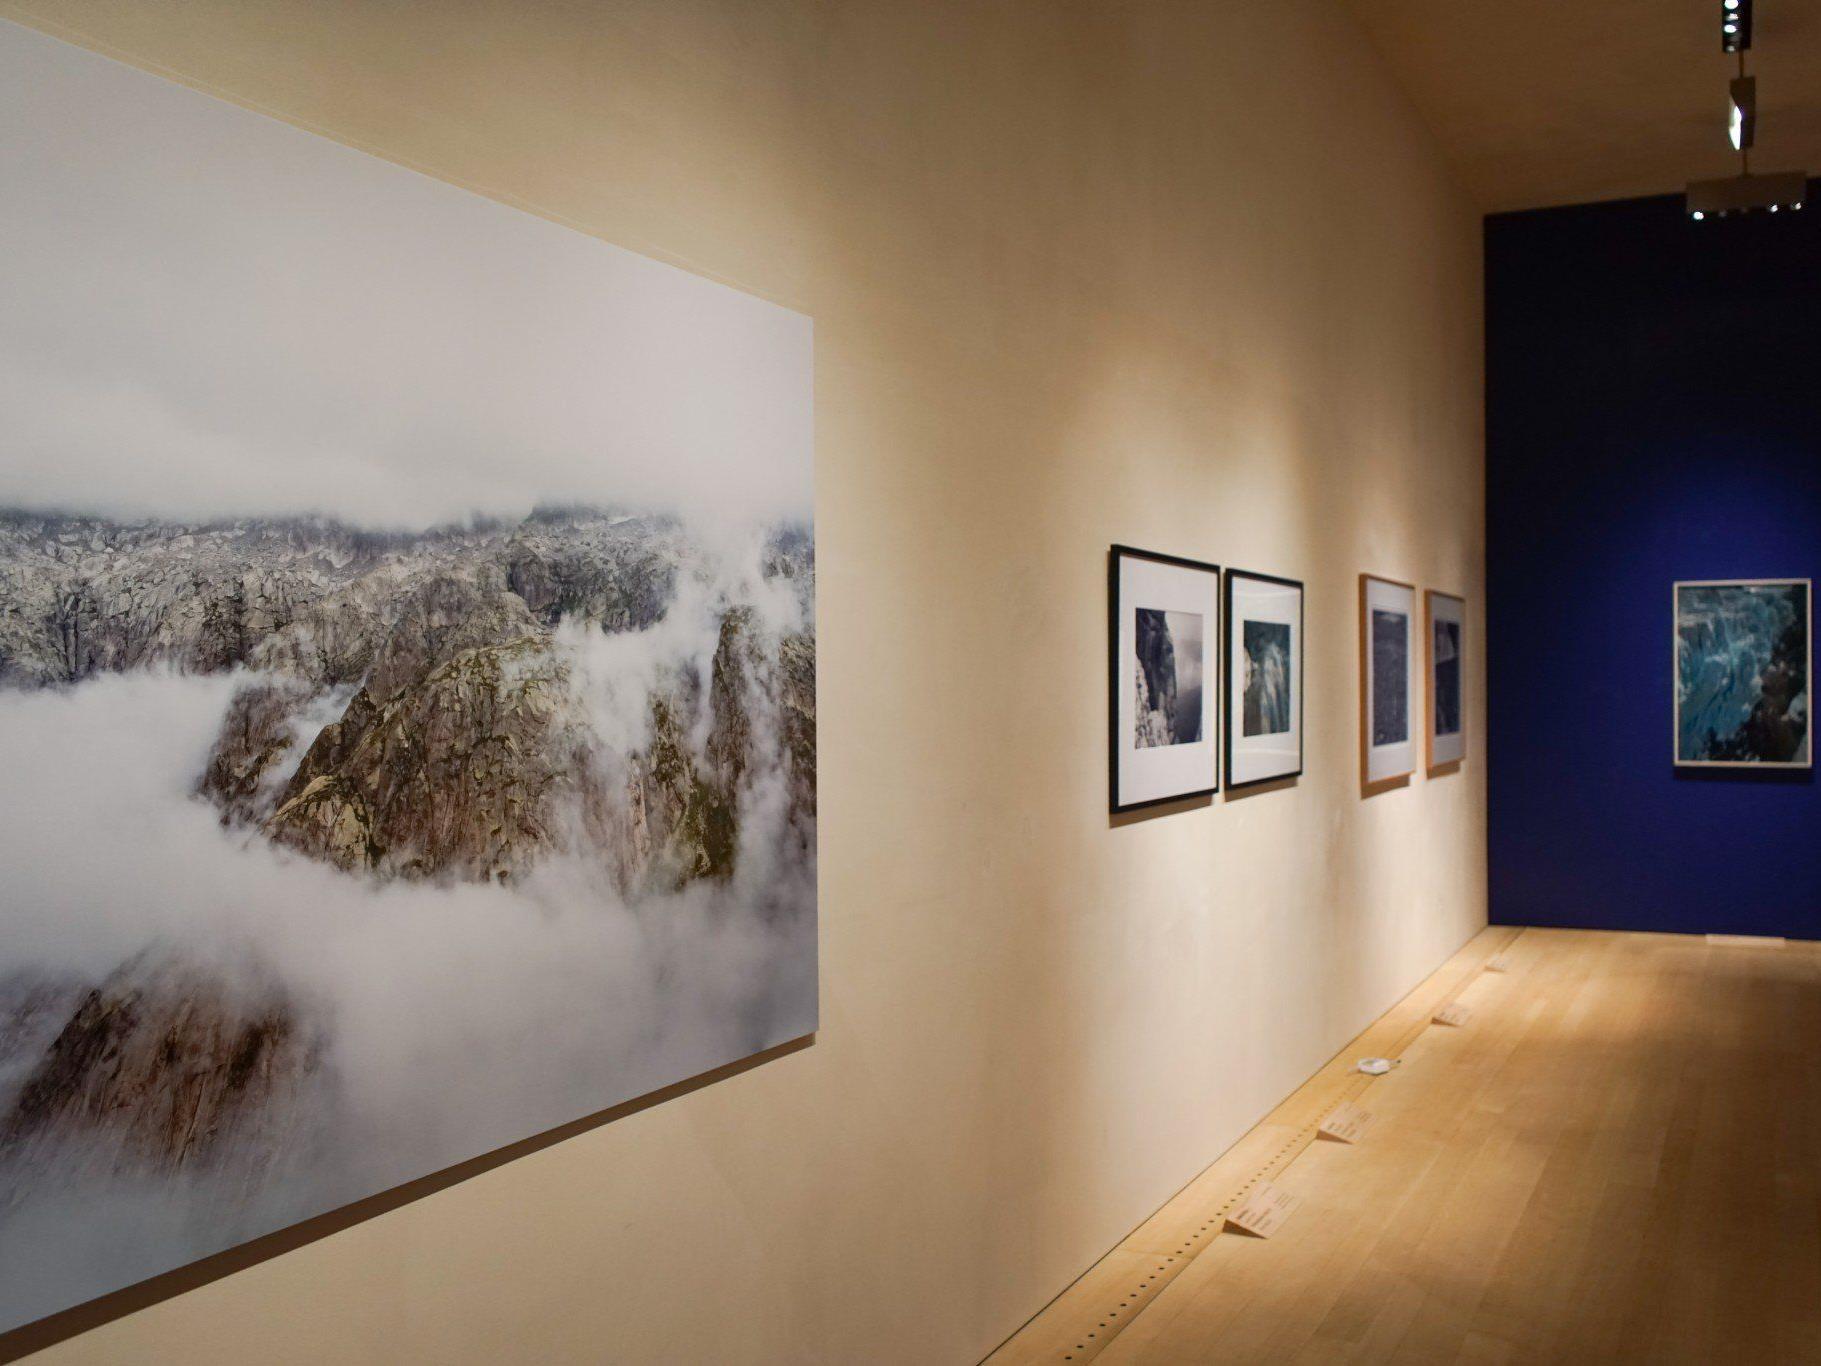 Ausstellung mit Arbeiten von Fotopionieren und 43 zeitgenössischen Vertretern der Bergfotografie.